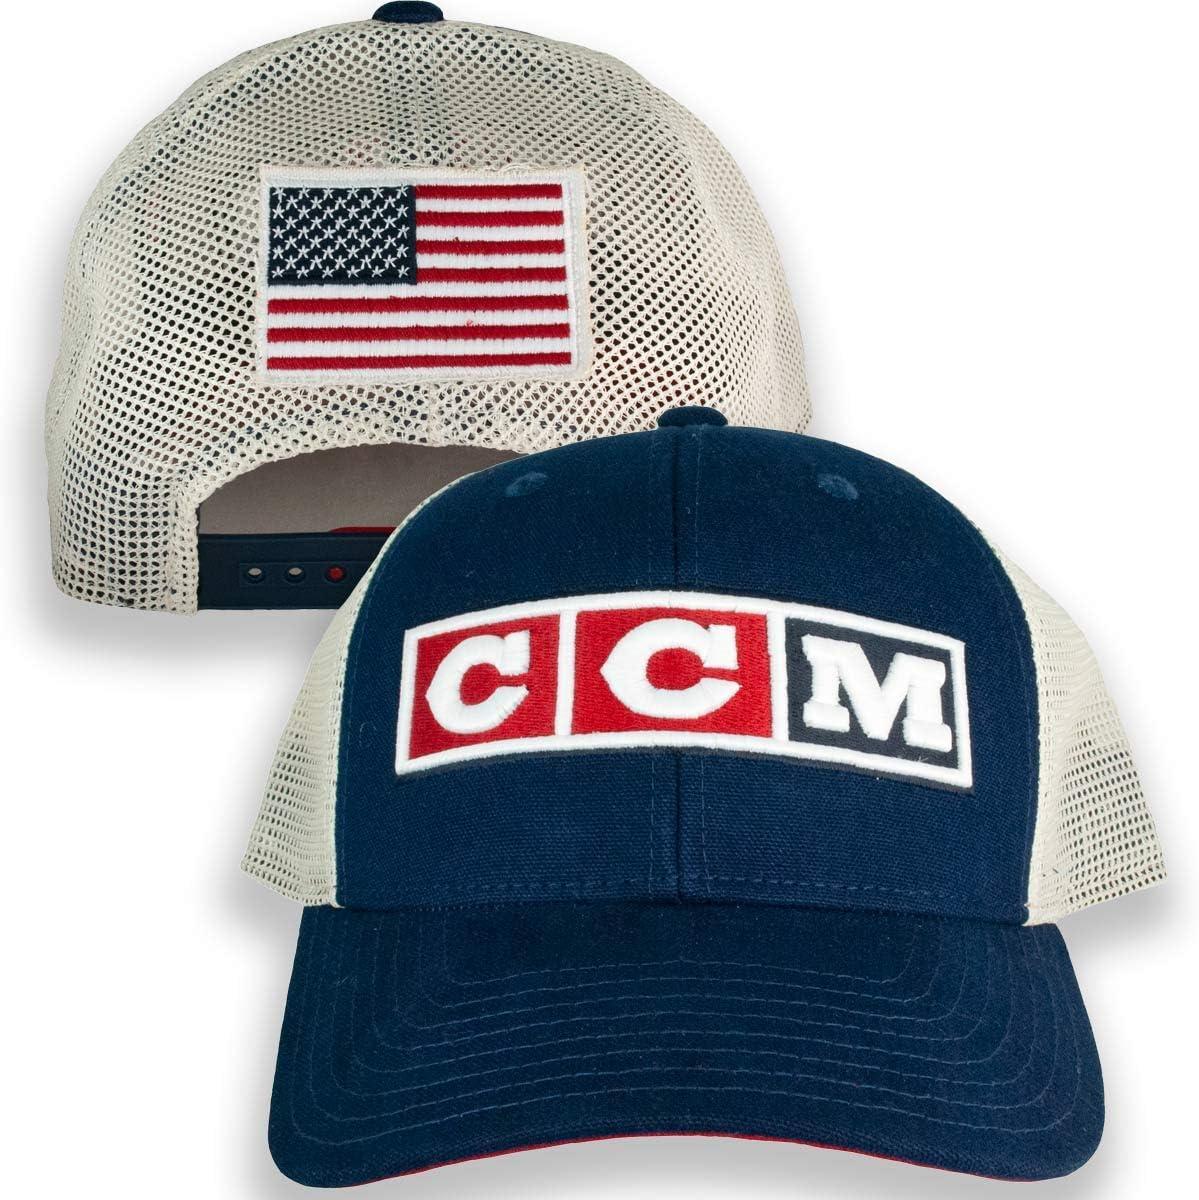 CCM アメリカ国旗 ネイビートラッカーハット